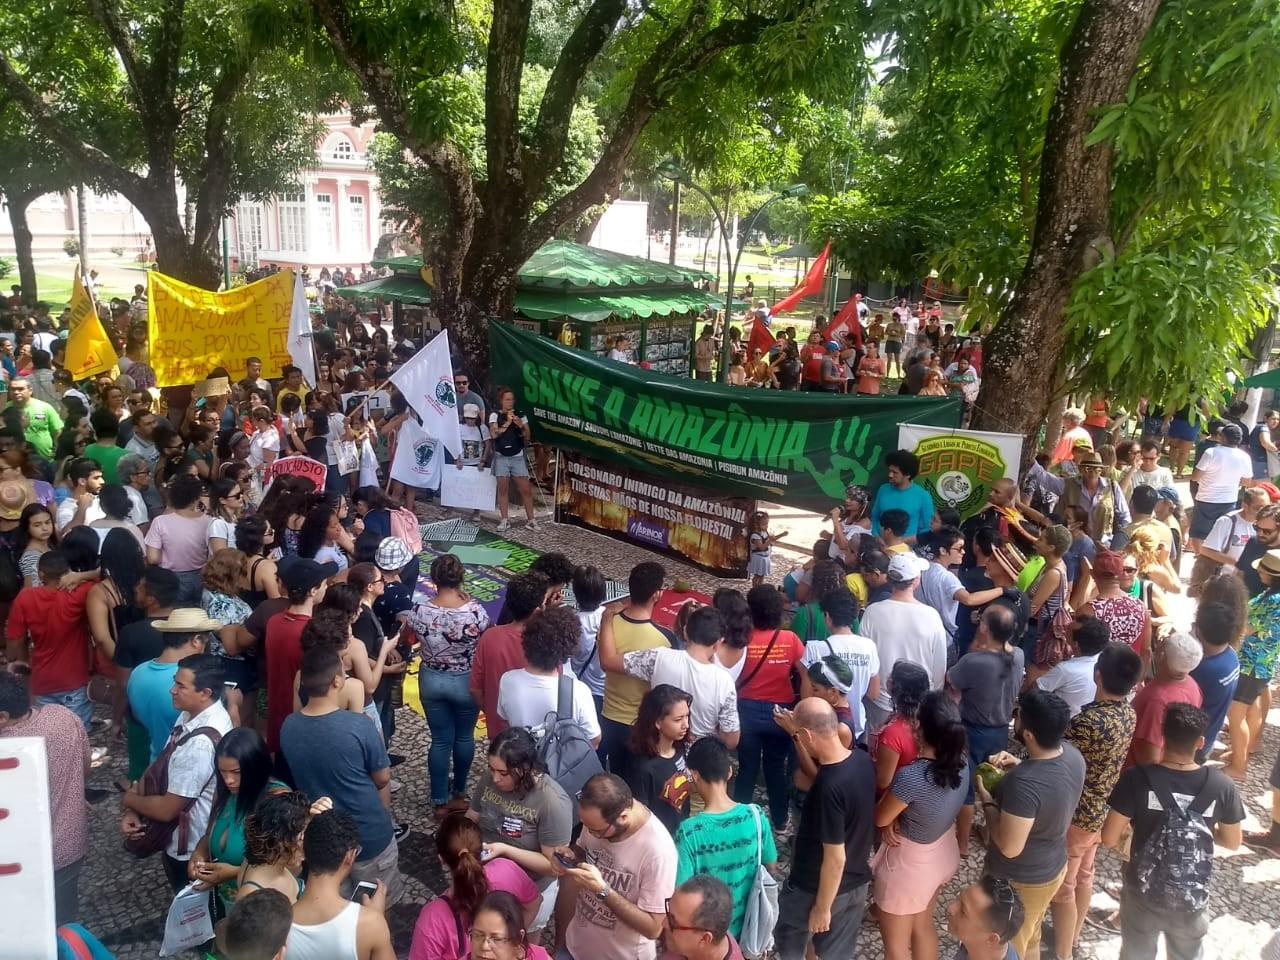 Manifestantes protestam em Belém em defesa da Amazônia - Notícias - Plantão Diário